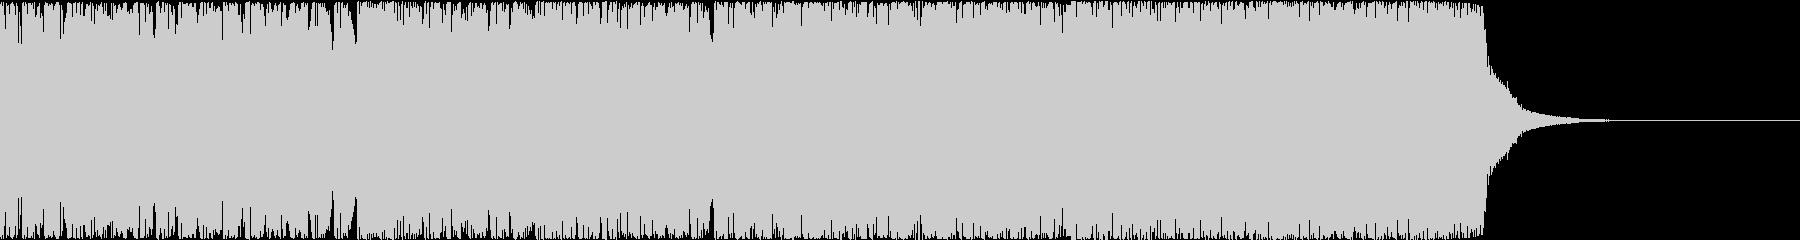 【EDM風】爽やかだけど徐々に上がる音。の未再生の波形